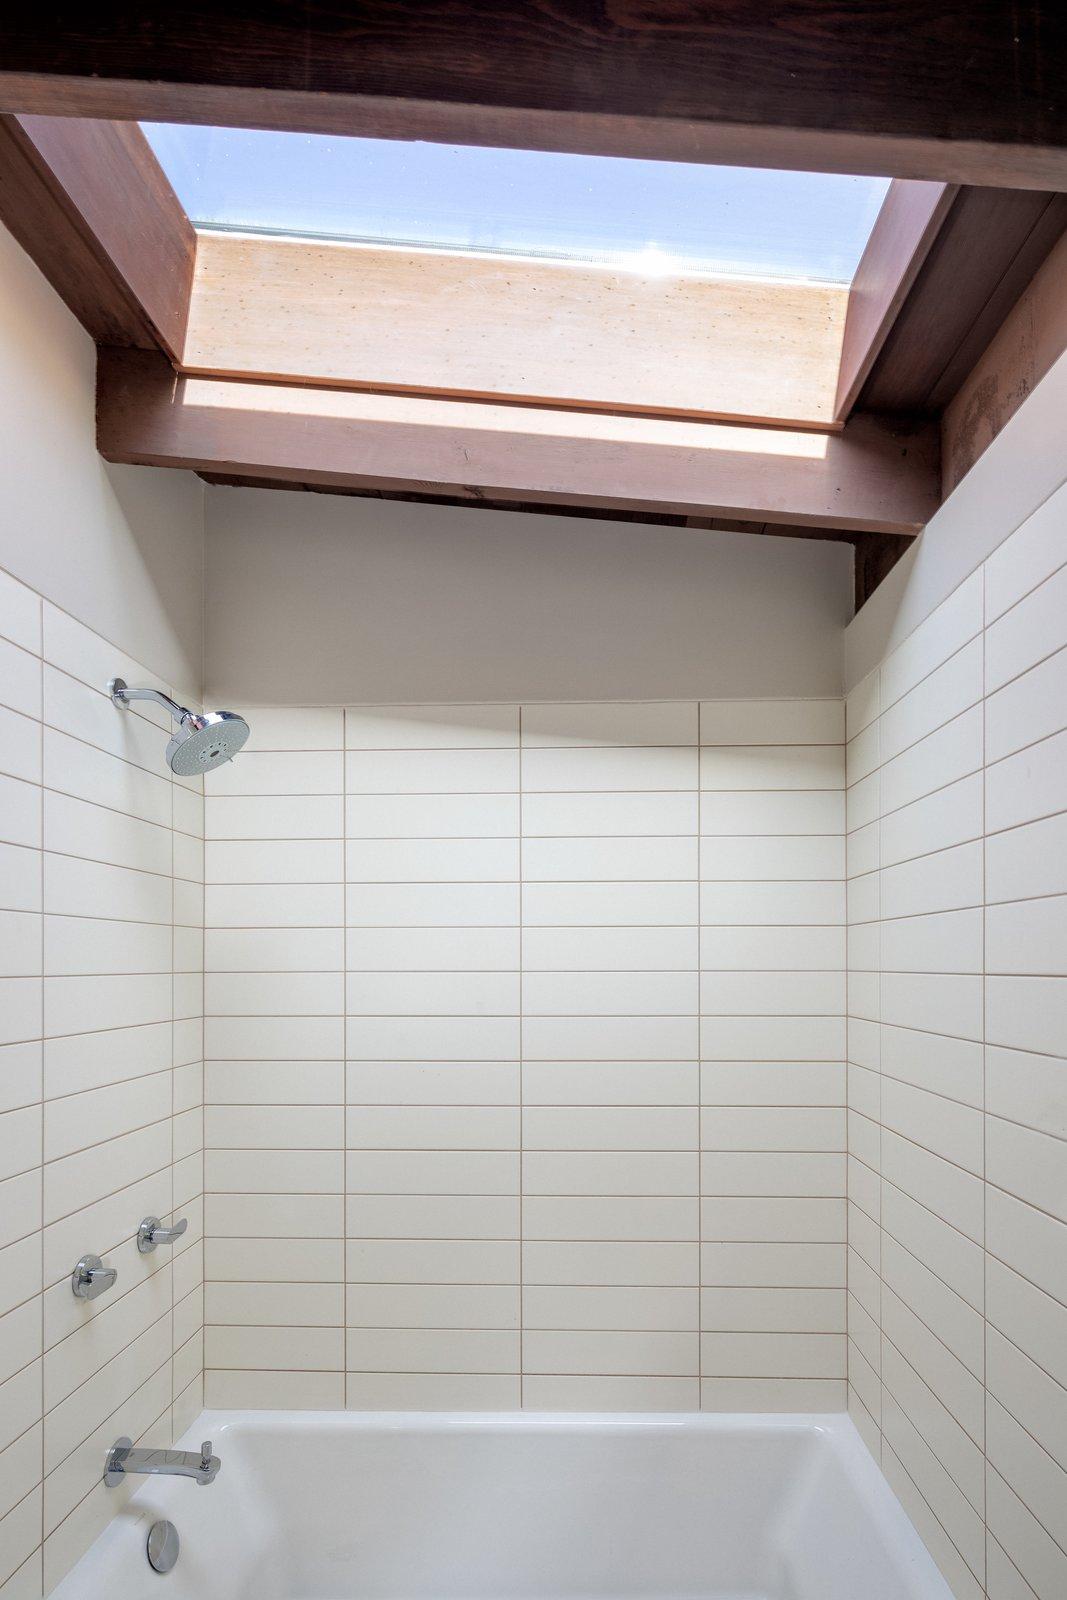 Foster House bathroom